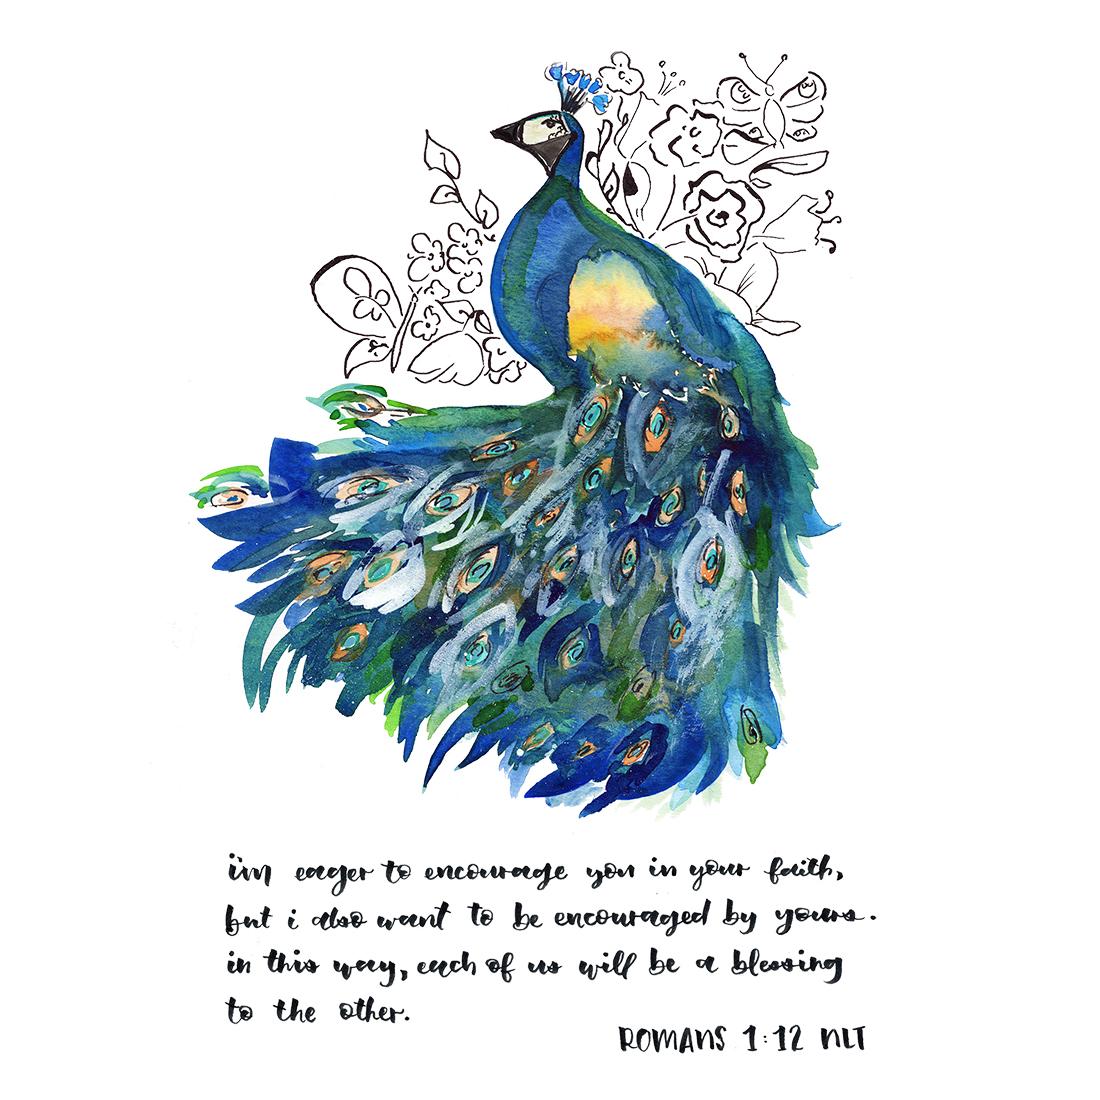 Romans 1:12 NLT